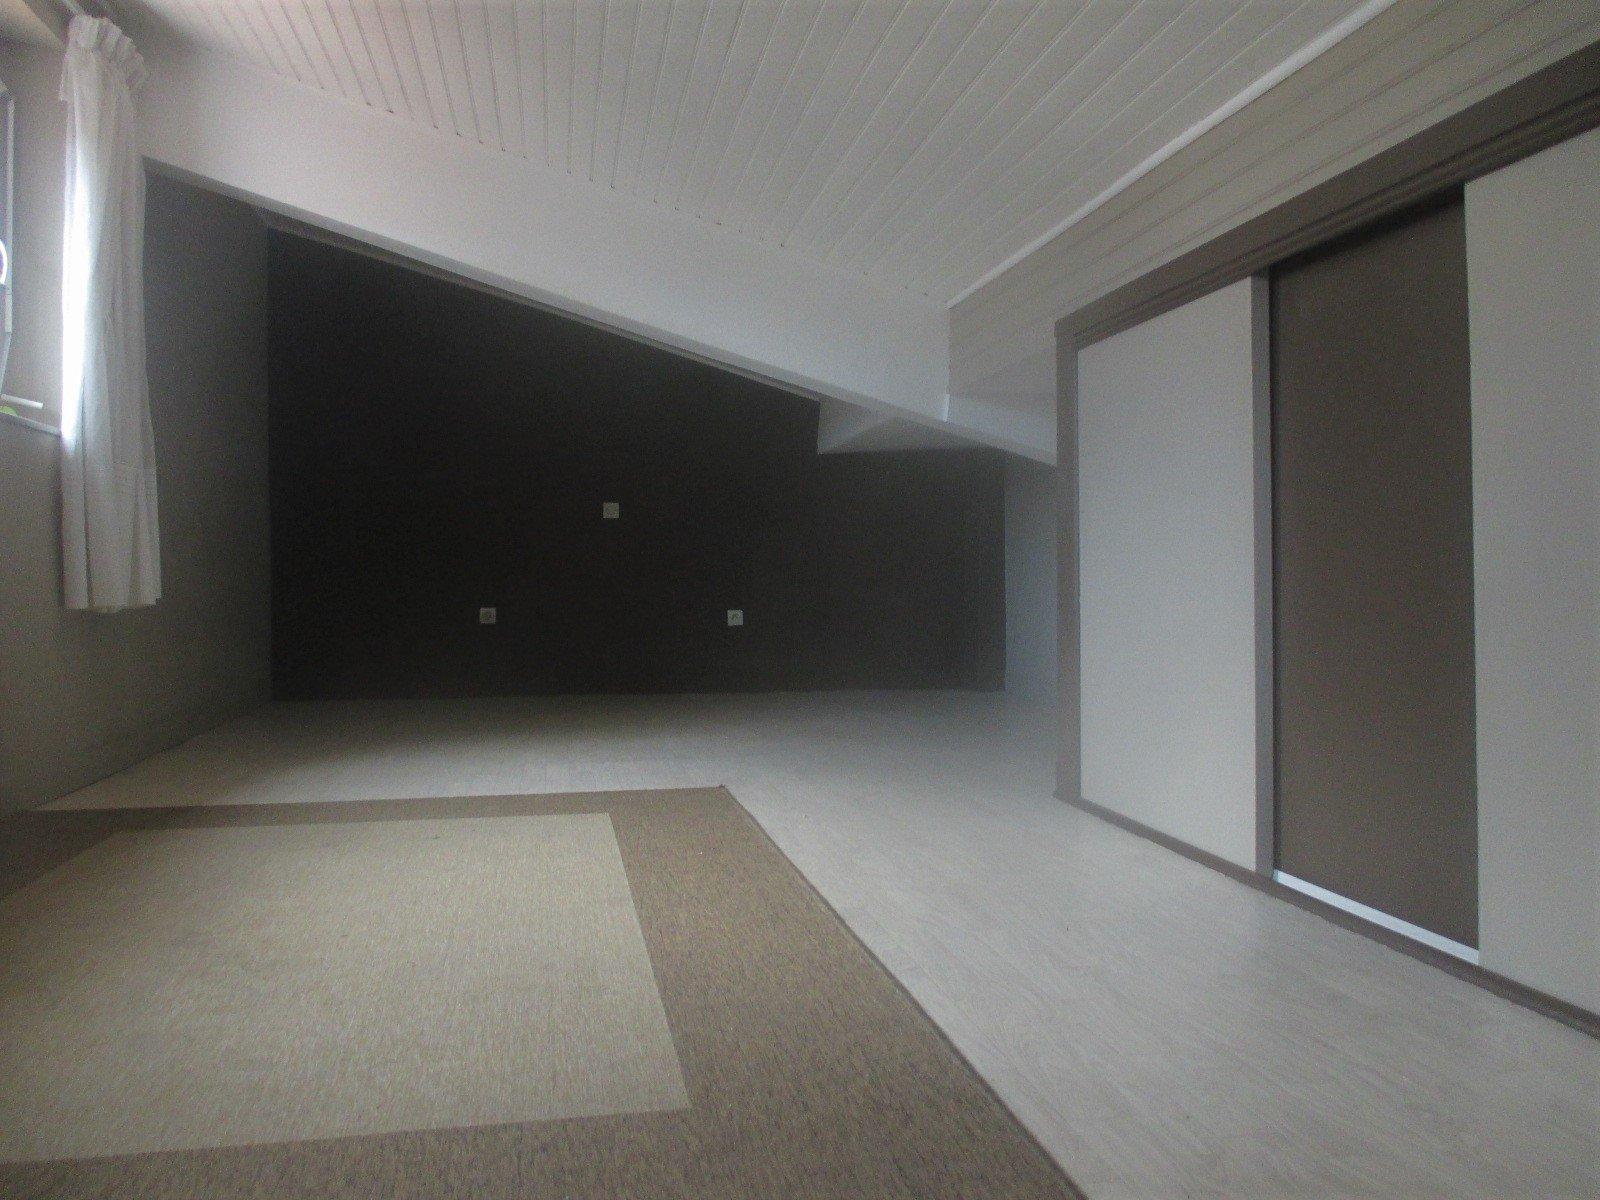 SAINT-ETIENNE SUD GRAND T5 DE 124M² EN DUPLEX